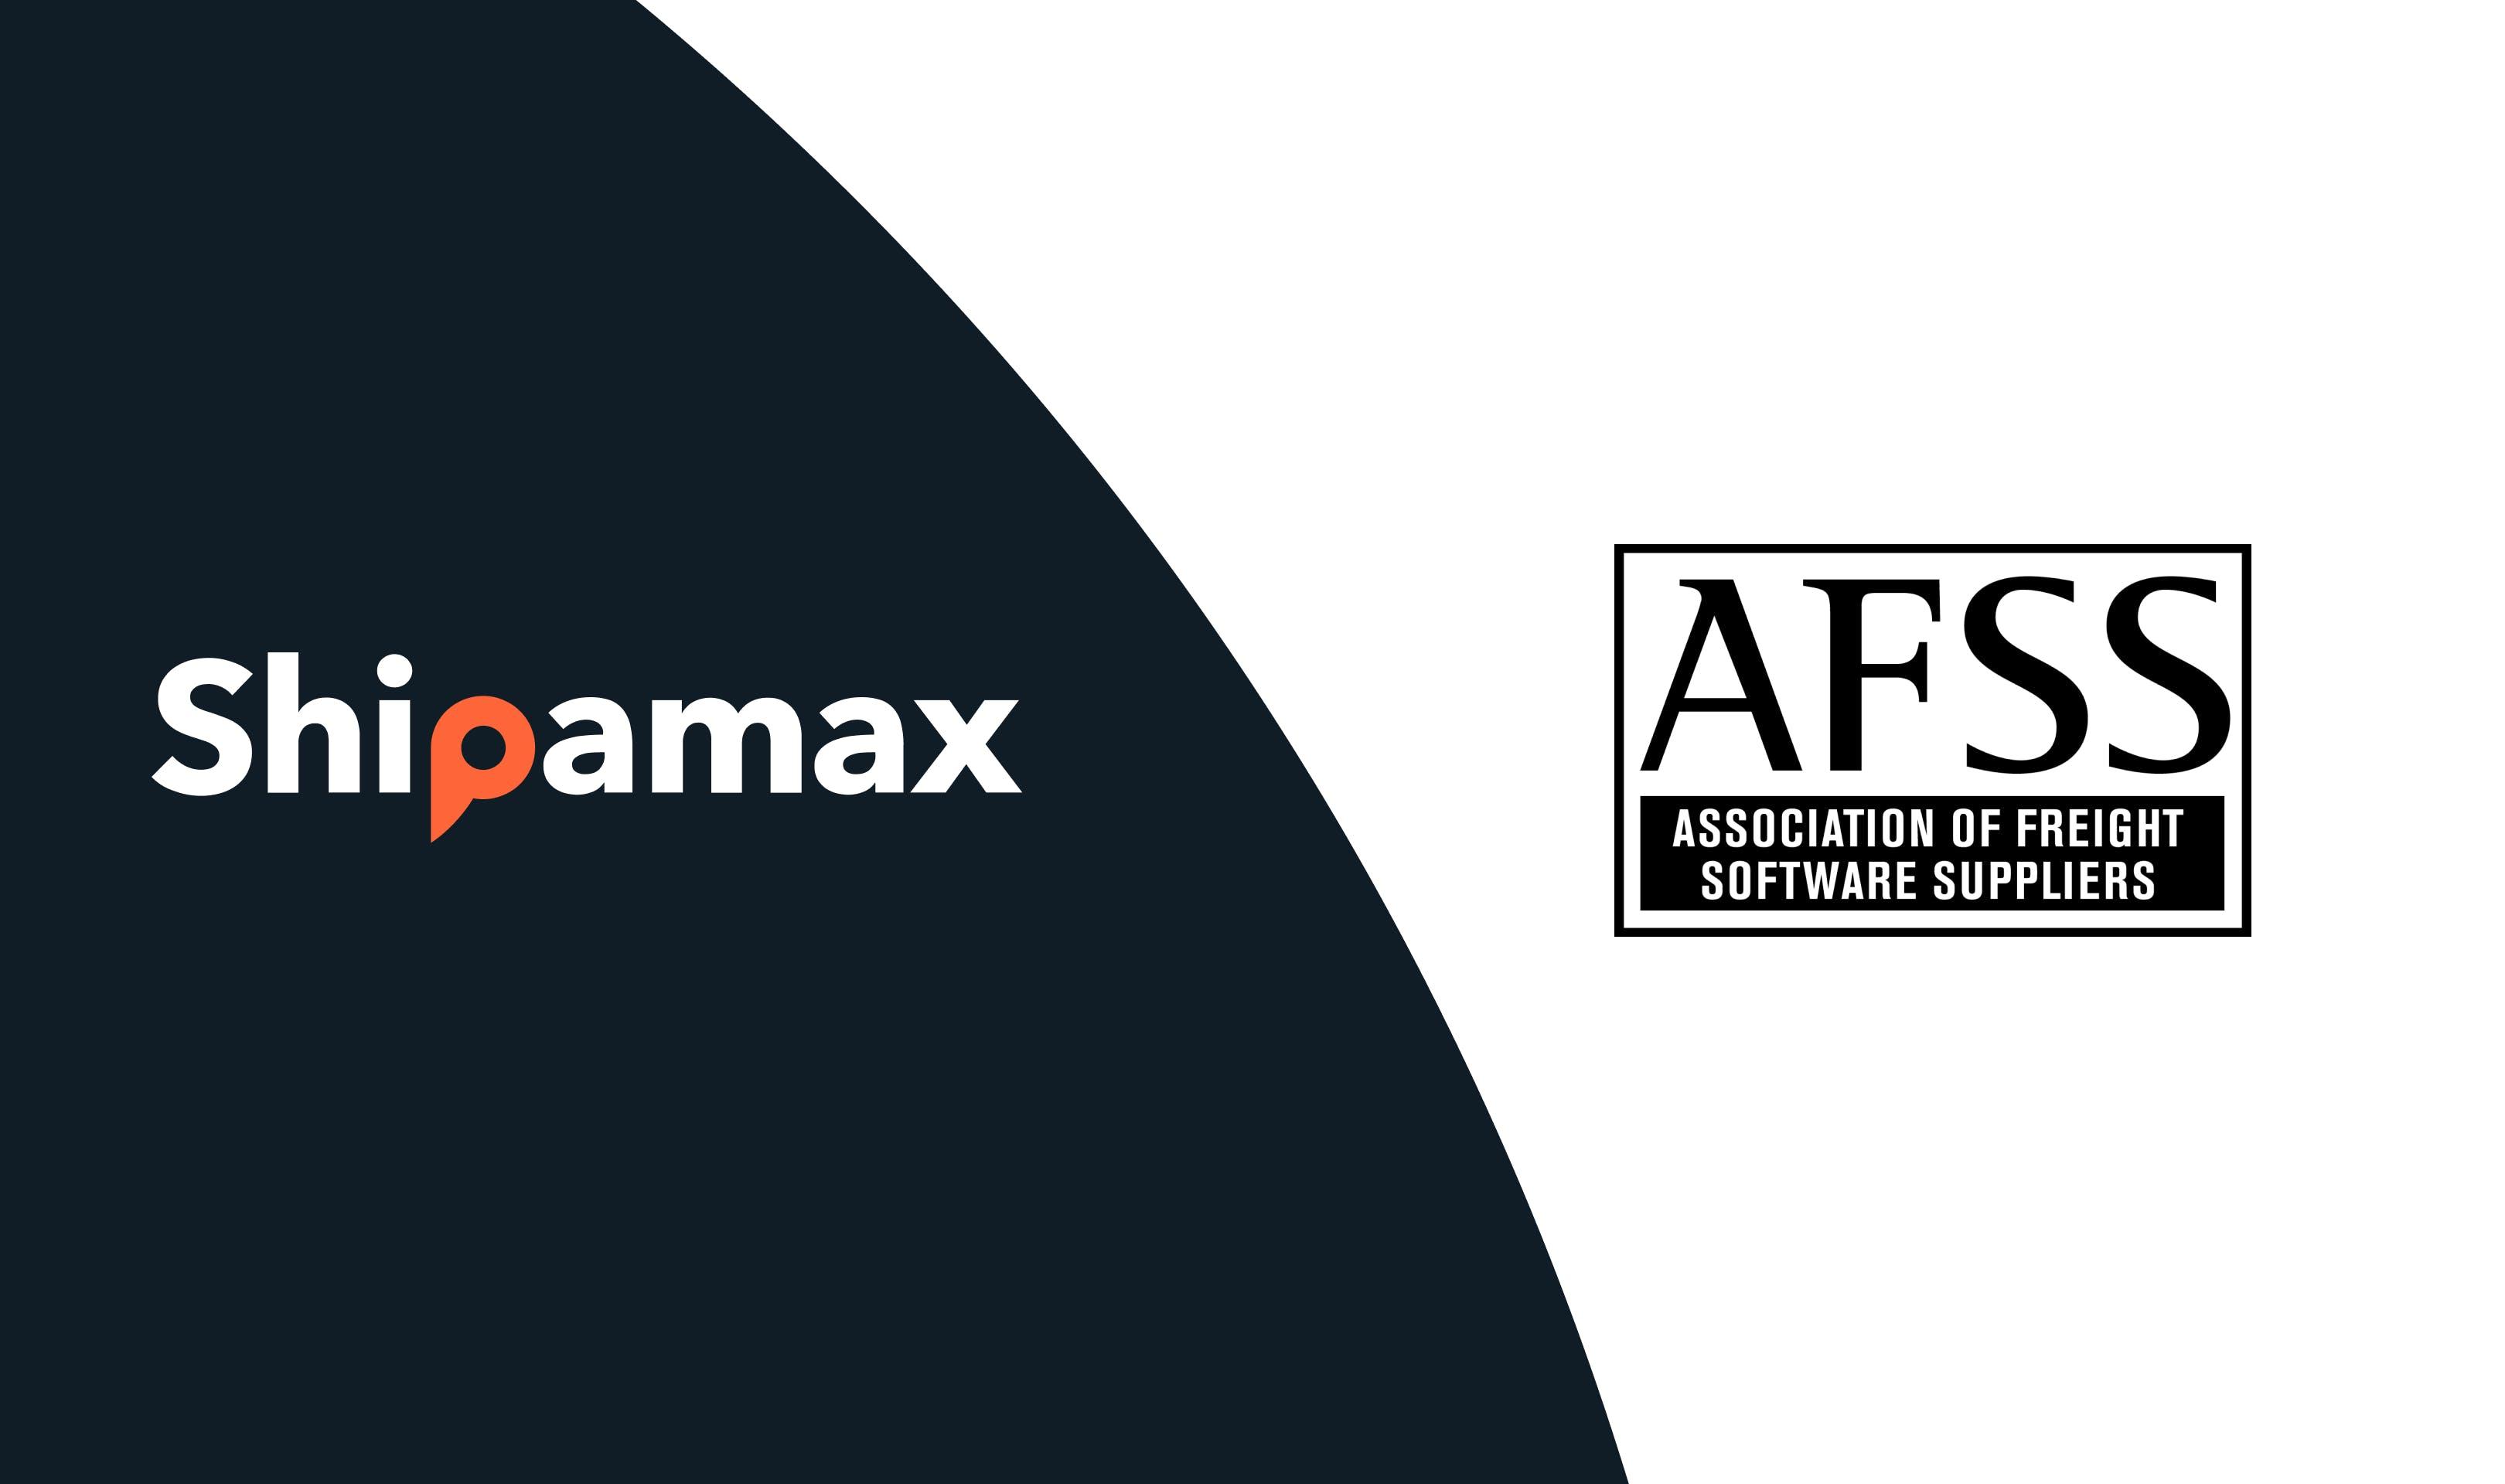 Shipamax Joins AFSS